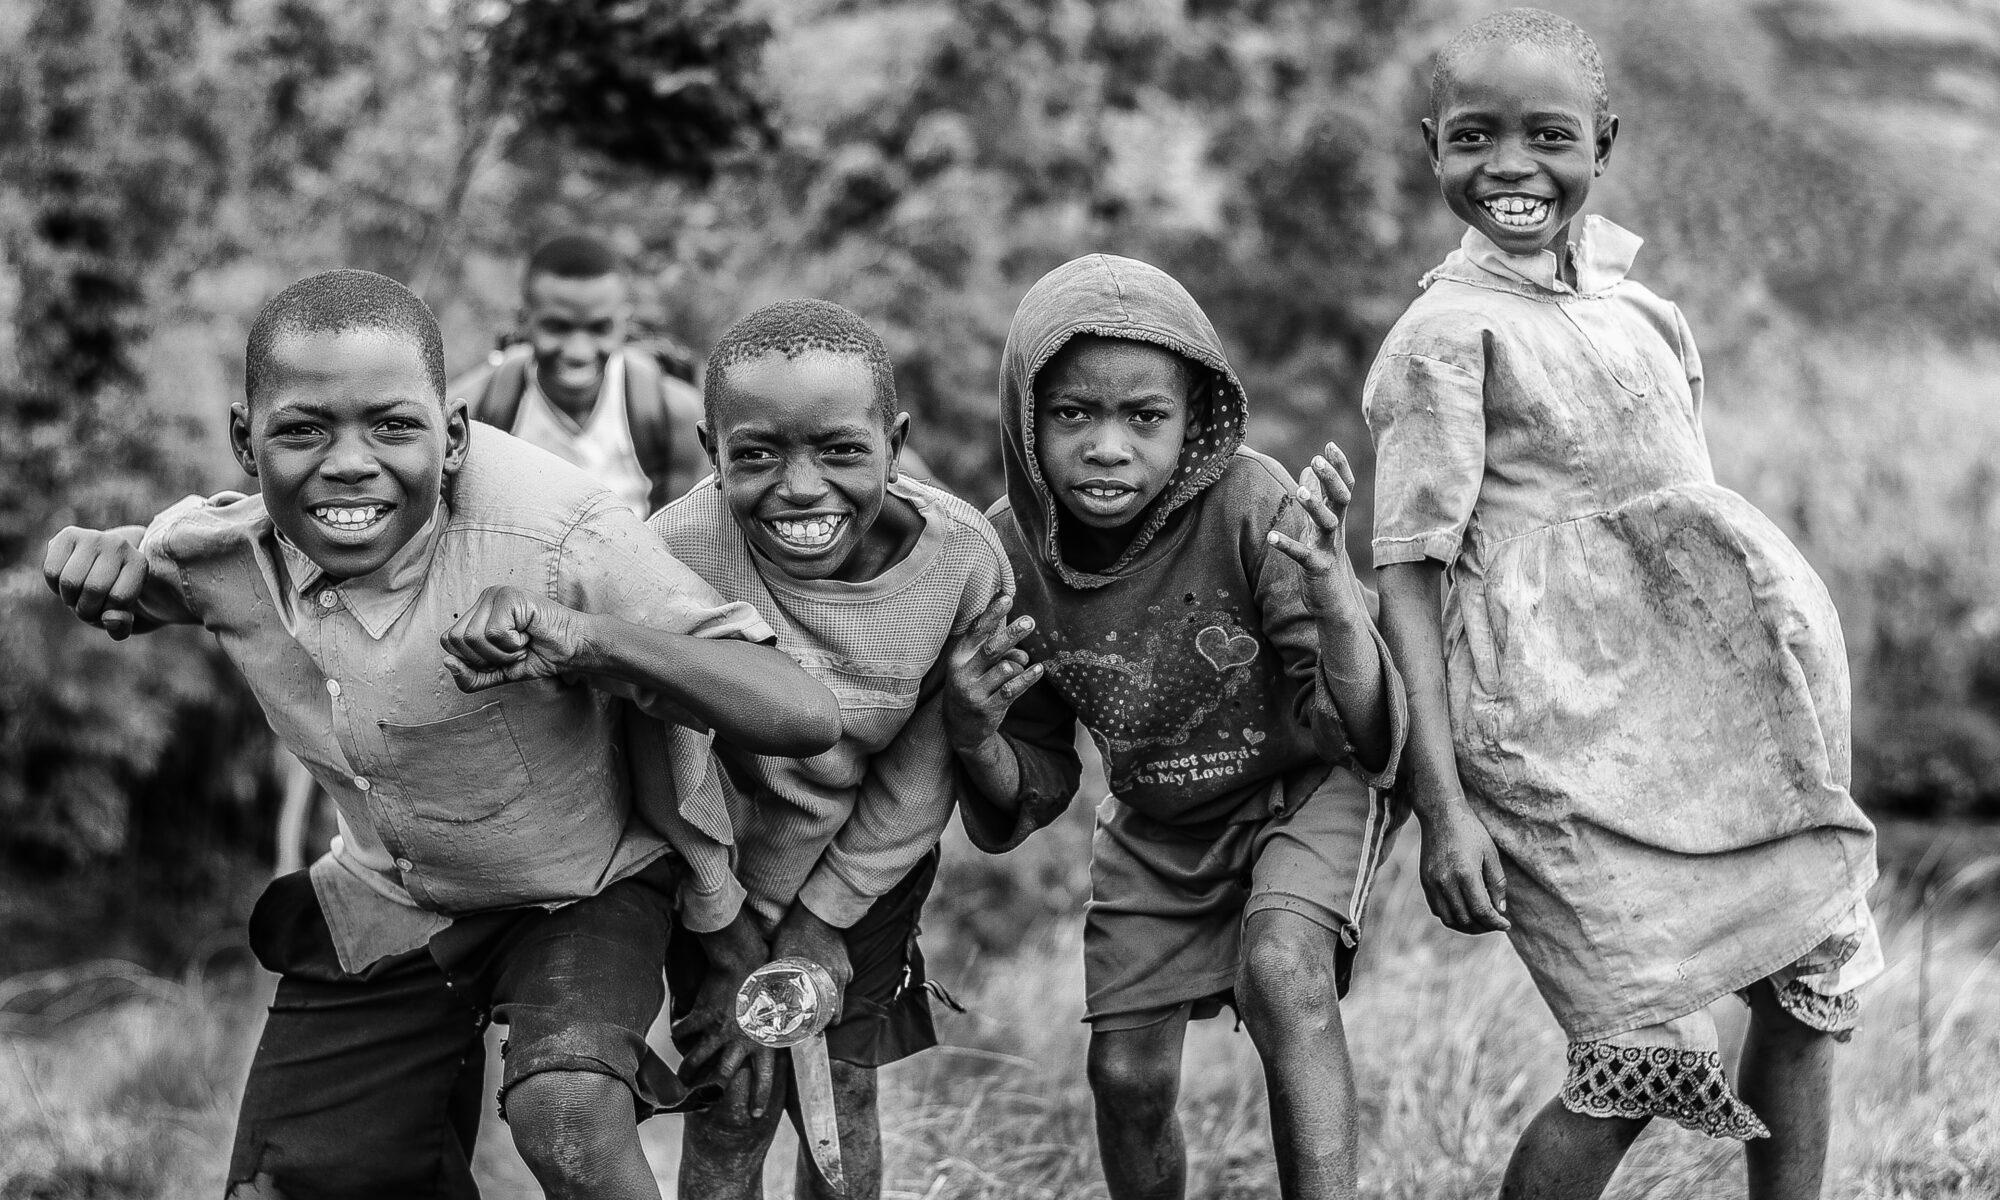 imagen de niños y niñas de raza negra